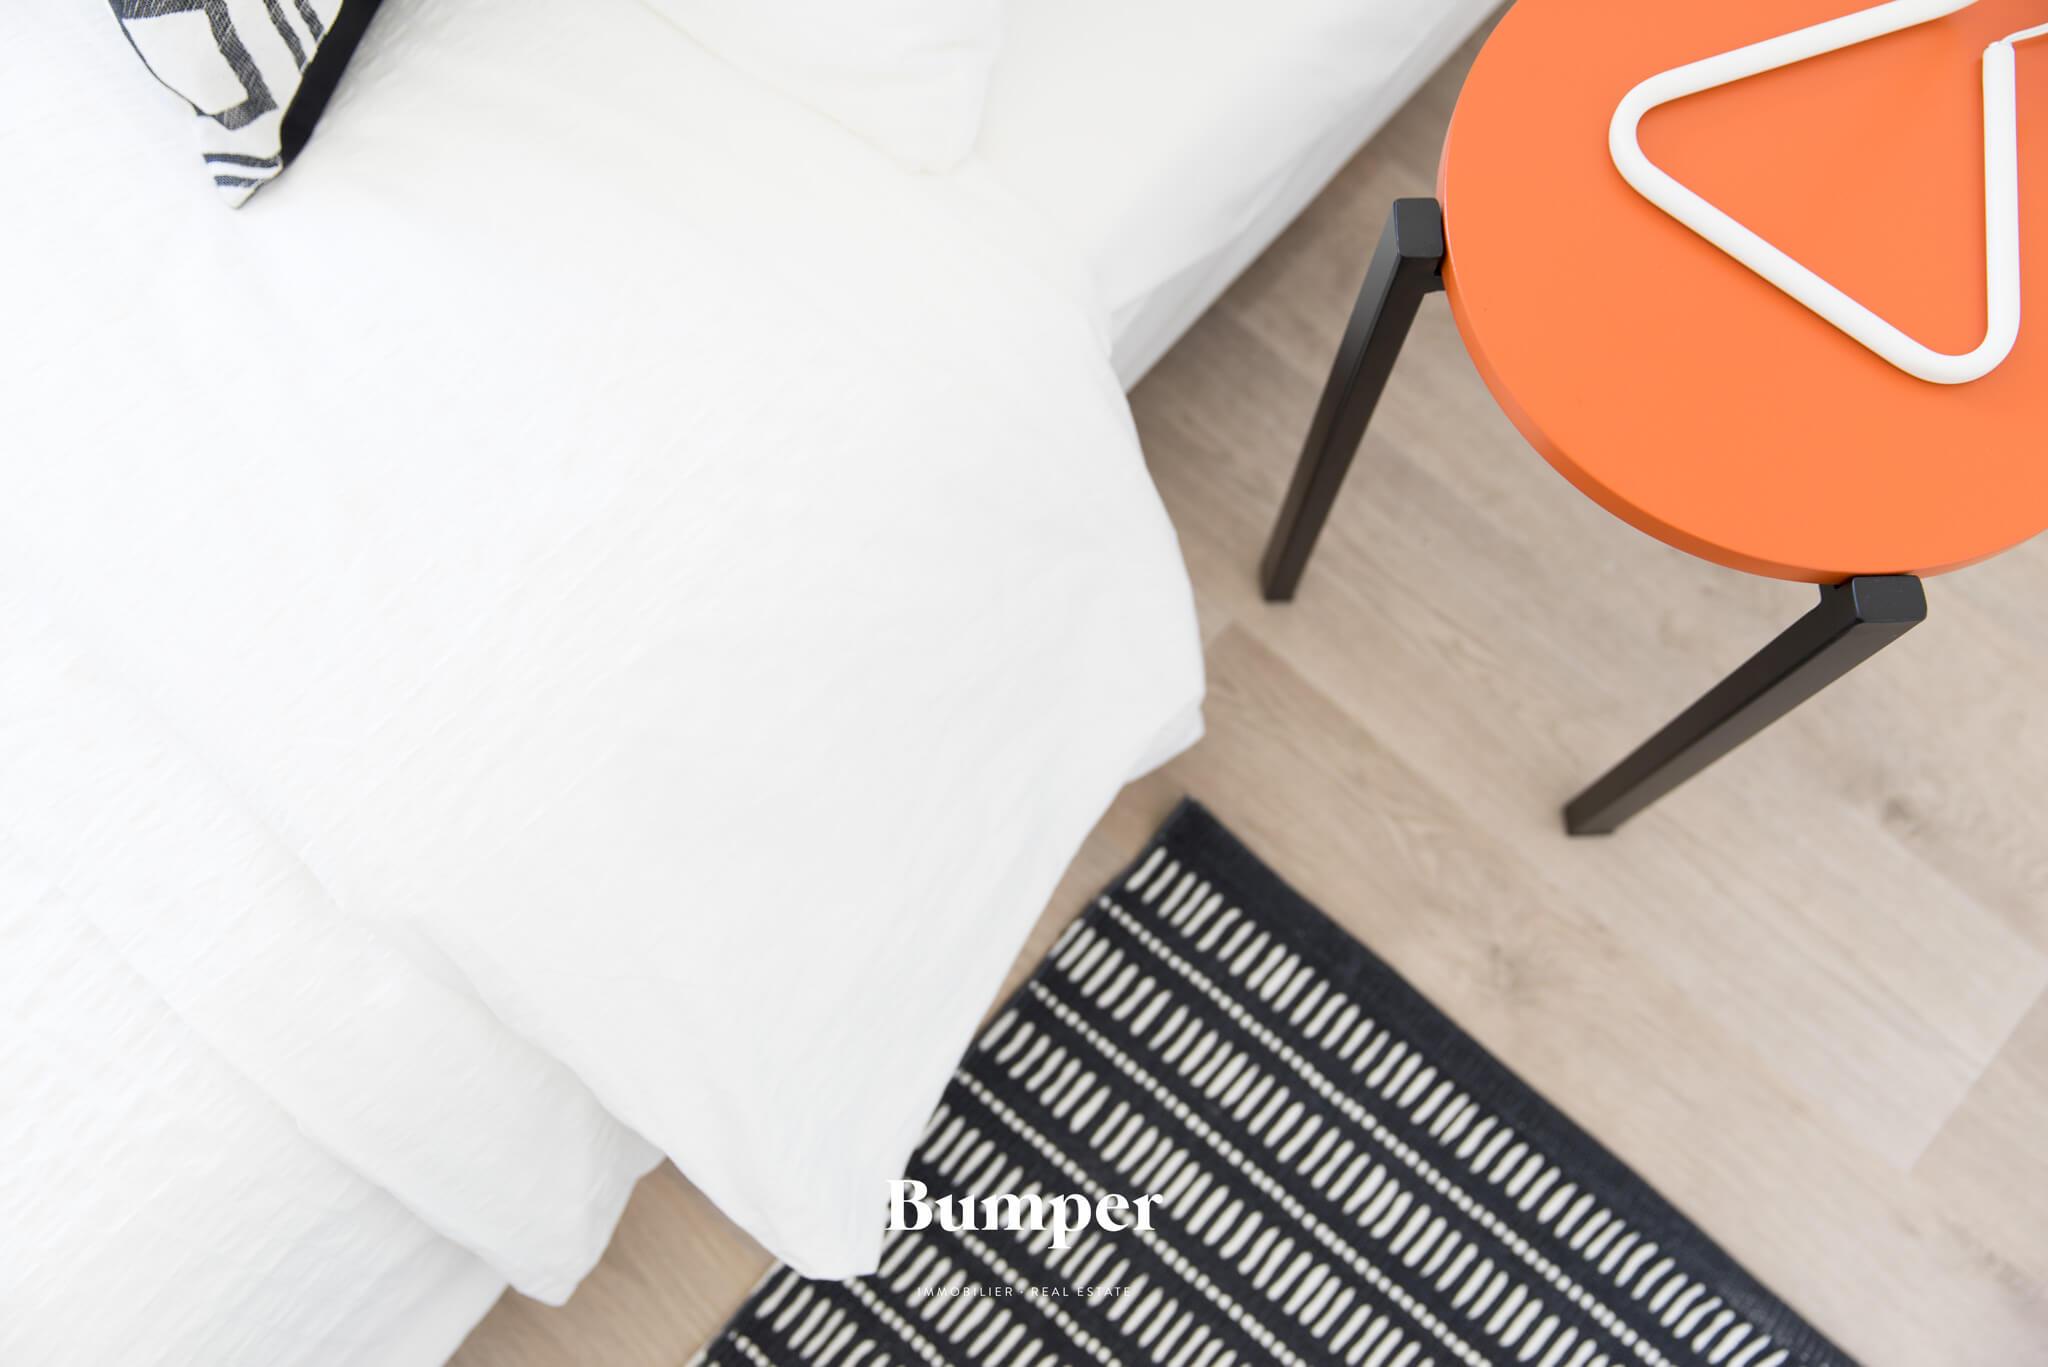 vannes-bumper-france-immobilier-lyon-appartement-avendre-T47.jpg